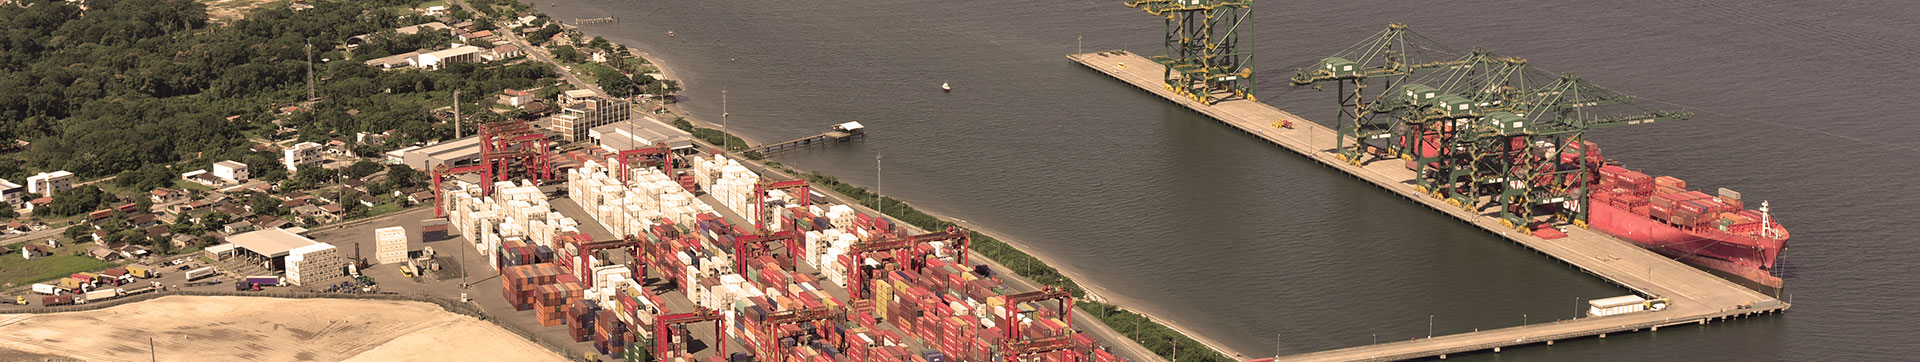 Negócios e Investidas - Rocha Terminais Portuários e Logística